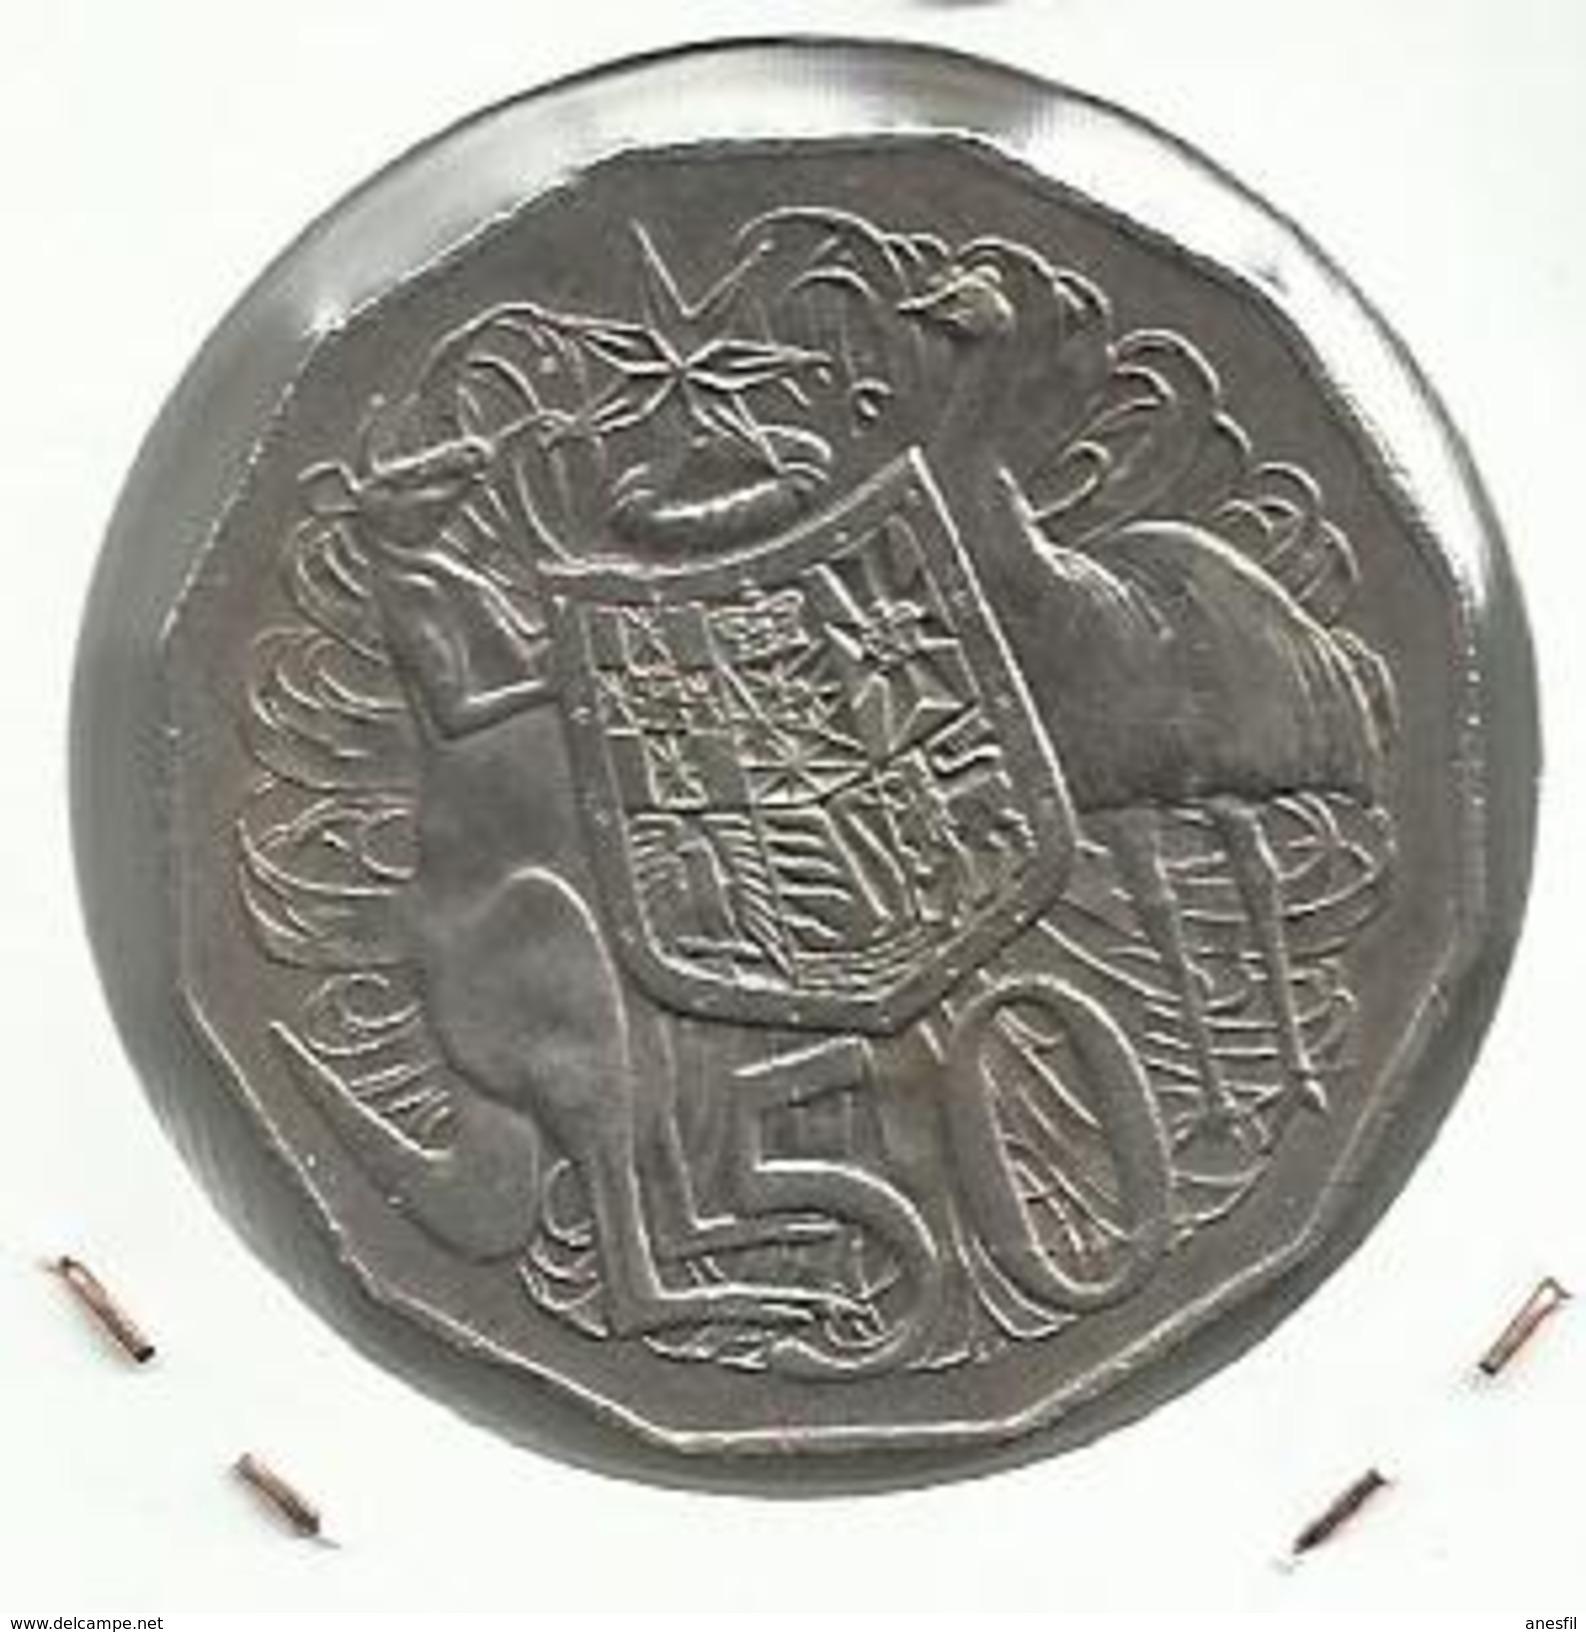 Australia_1971_50 Centimos - Moneda Decimale (1966-...)